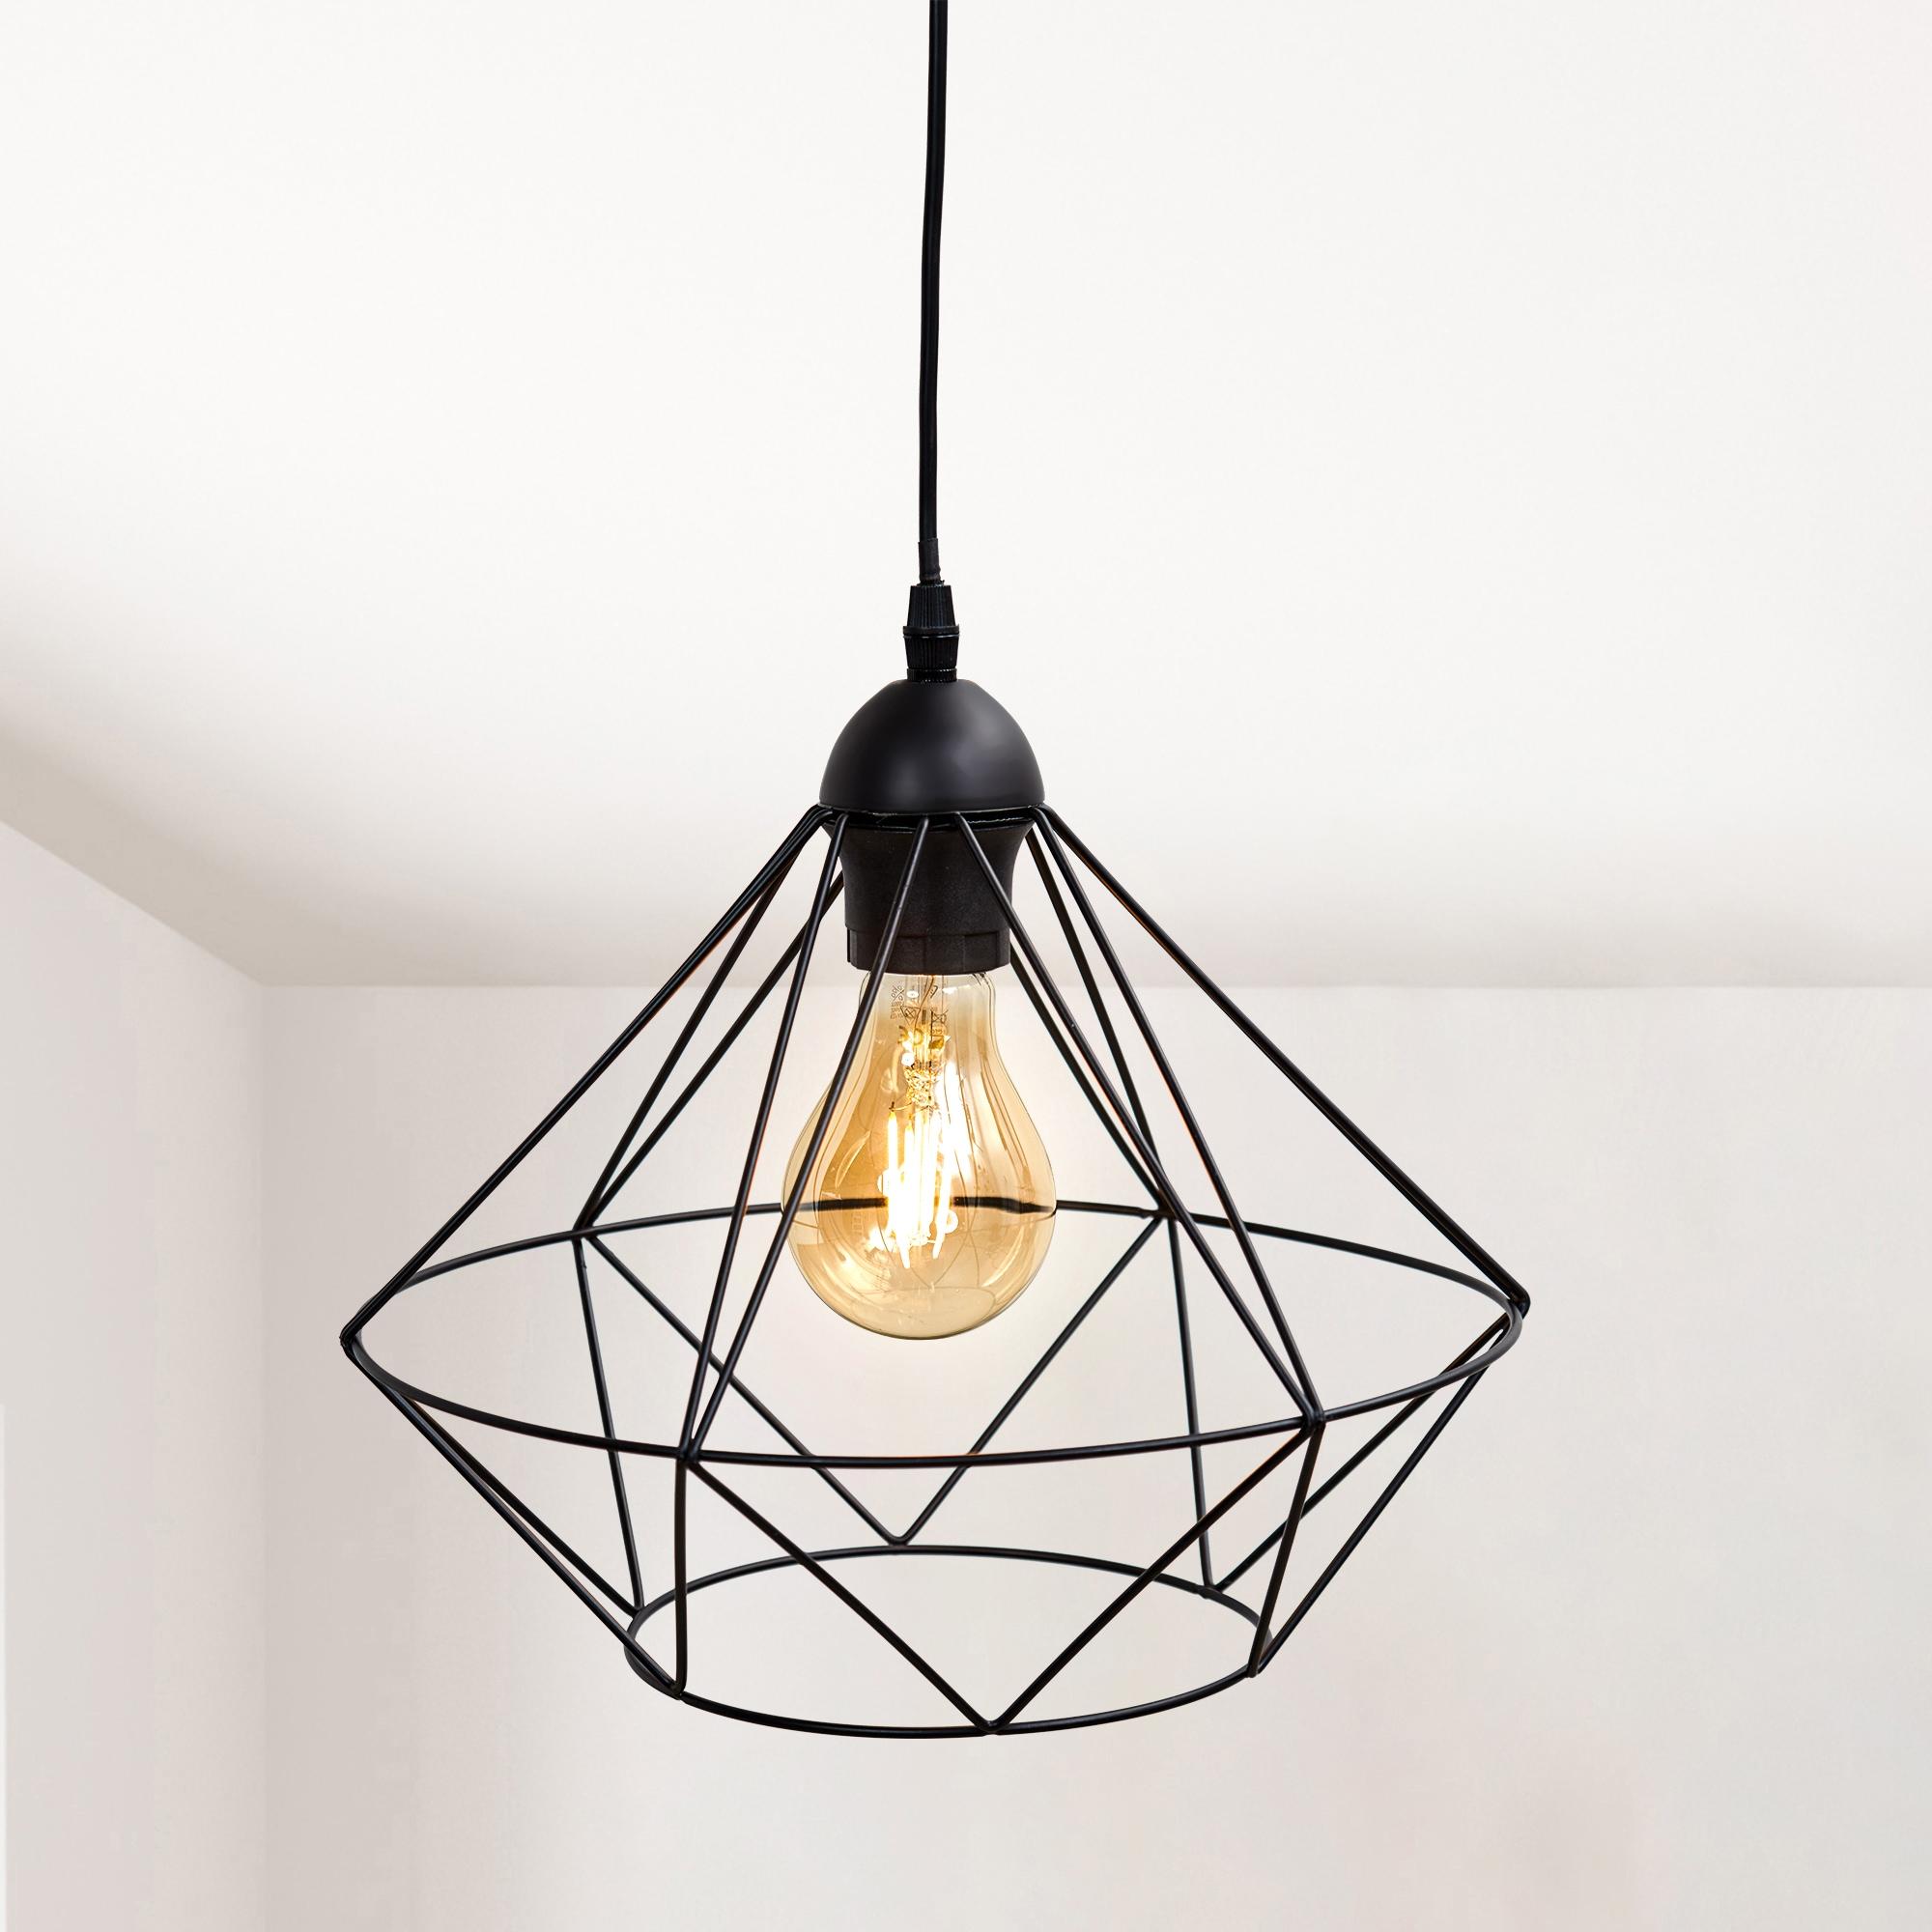 B.K.Licht Pendelleuchte, E27, LED Hängeleuchte Hängelampe Draht Vintage Retro exkl. E27 Metall schwarz